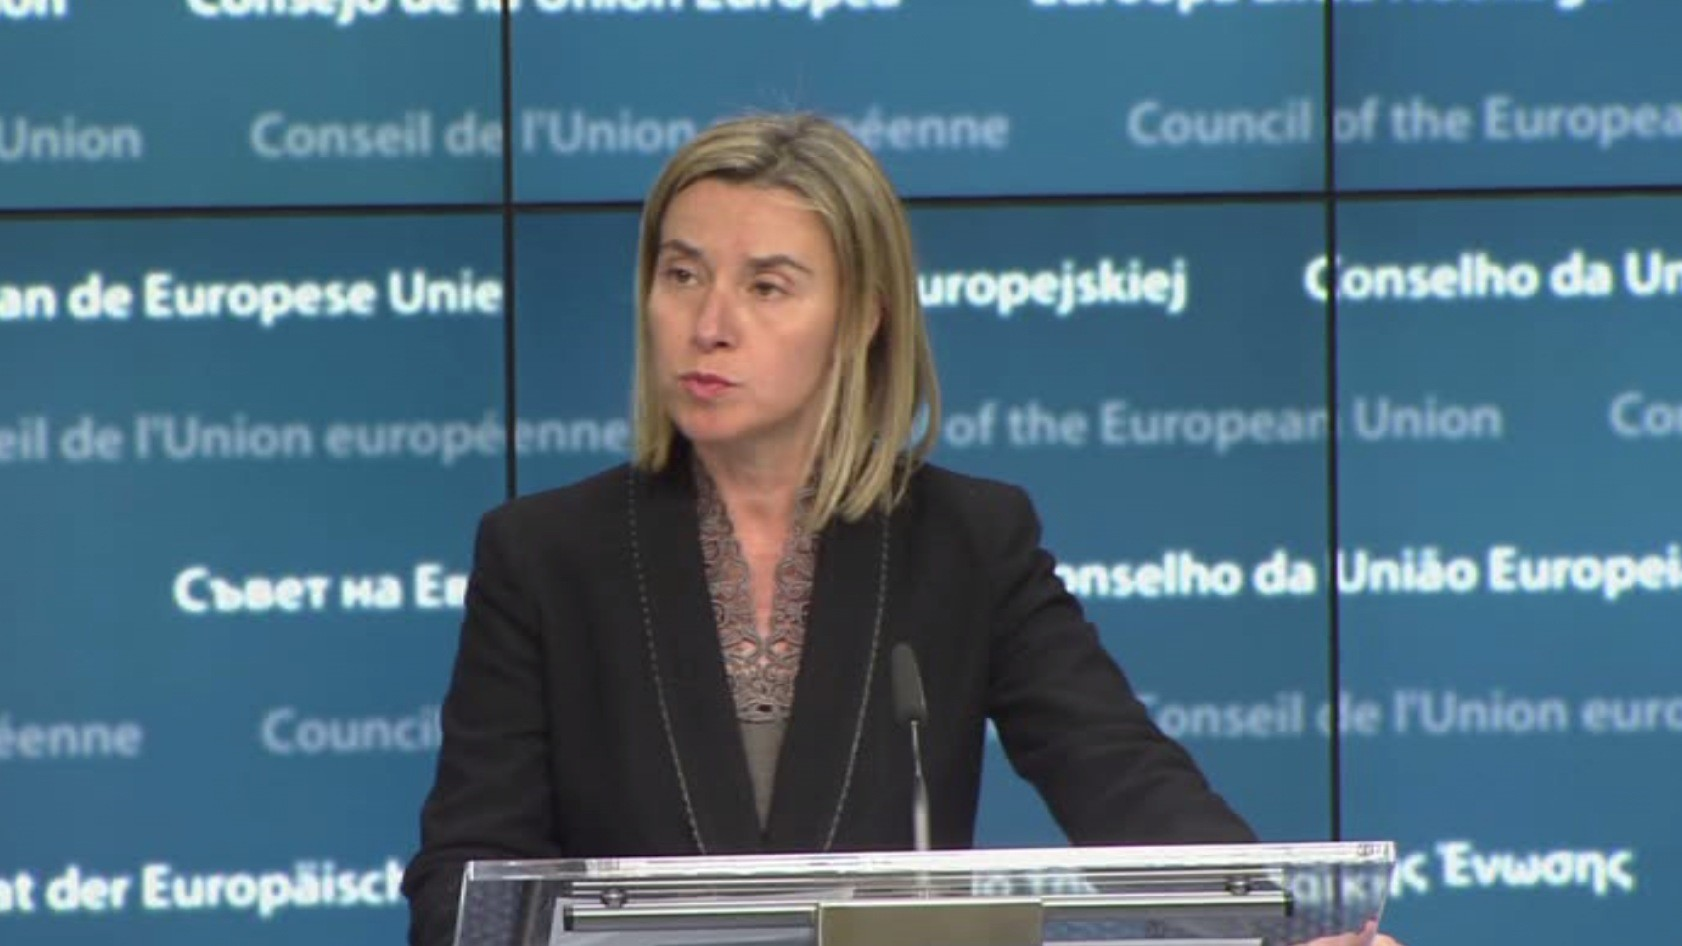 L'UE débourse 12 millions d'euros pour l'opération militaire anti-migration